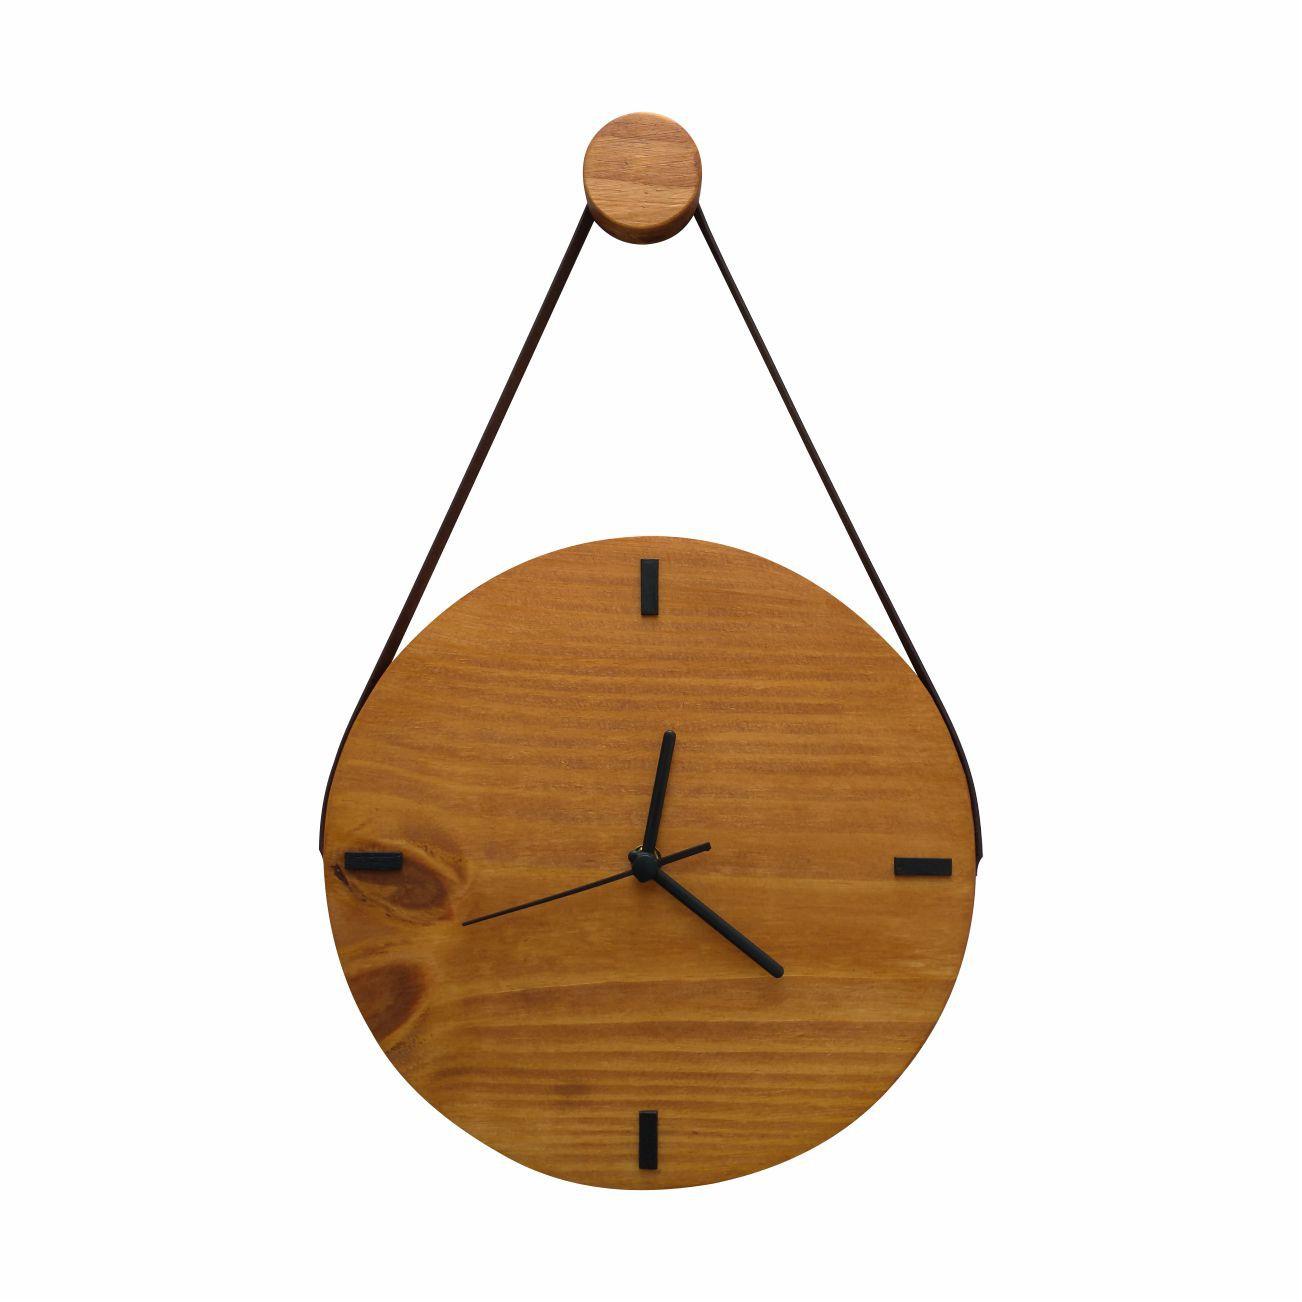 Relógio de Parede Escandinavo Rústico em Madeira com Alça